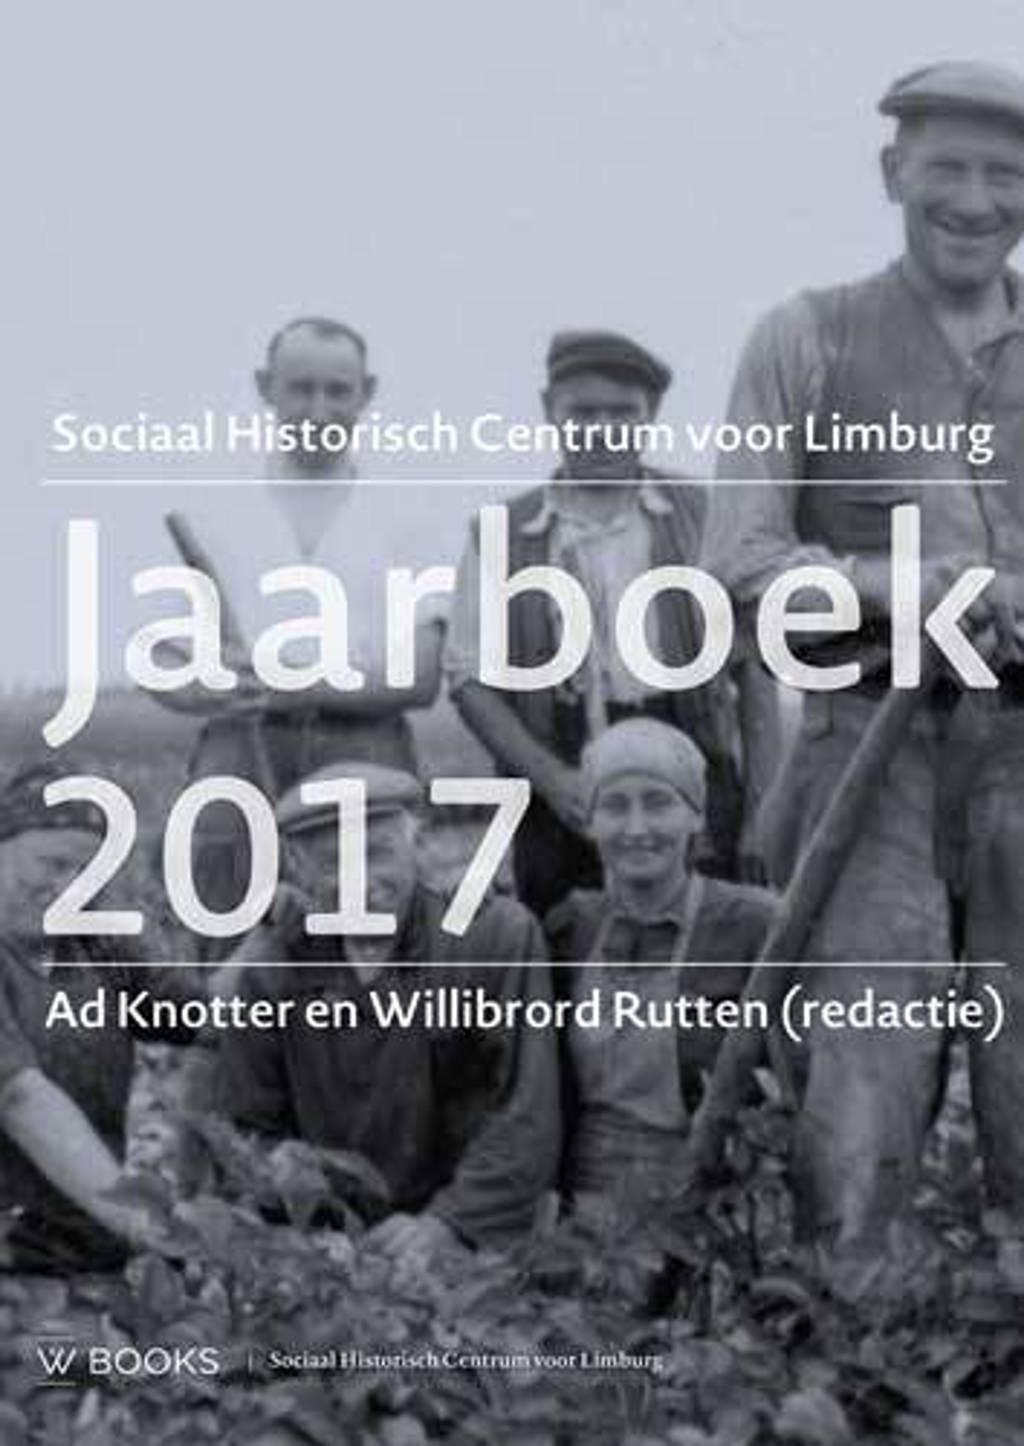 Jaarboek Sociaal Historisch centrum voor Limburg 2017